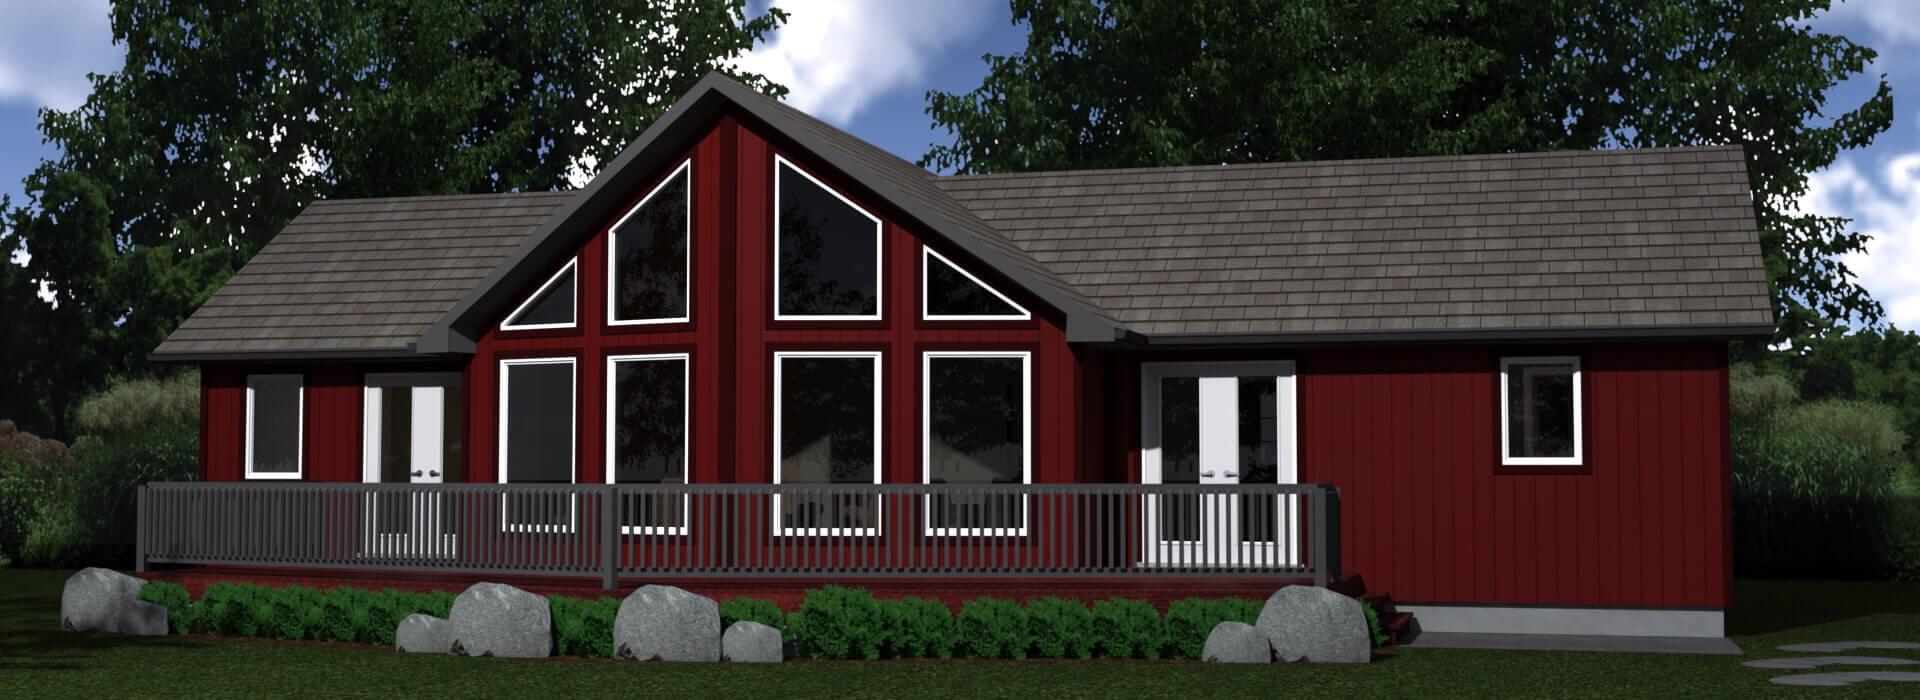 1256e-house exterior